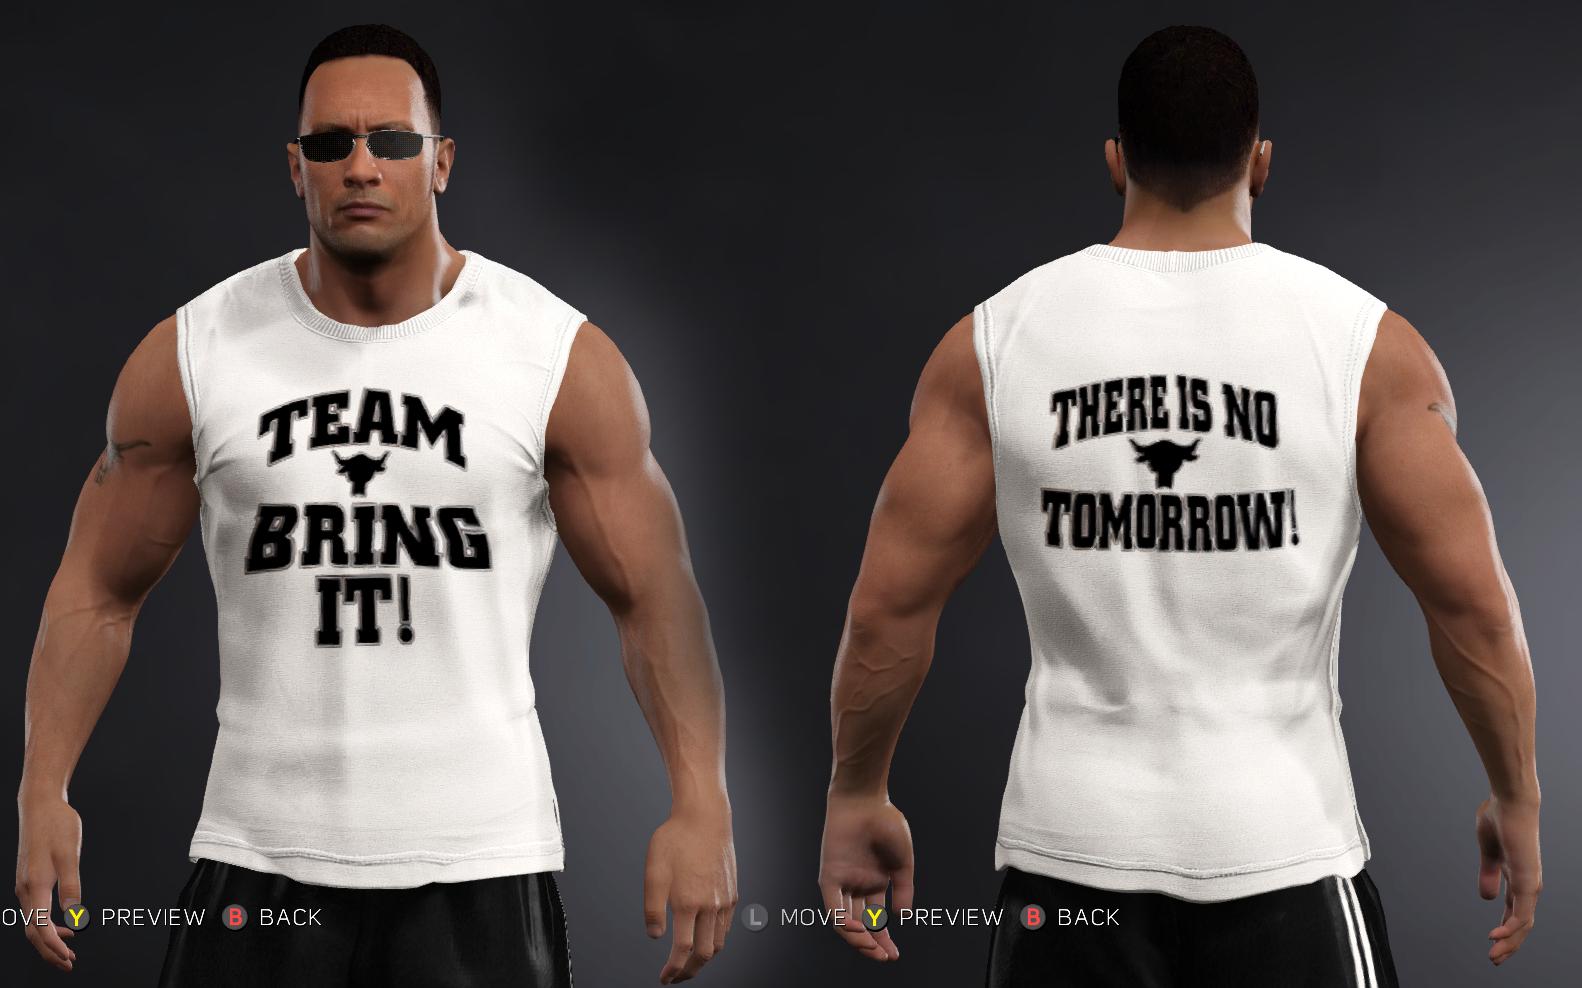 team_bring_it.png